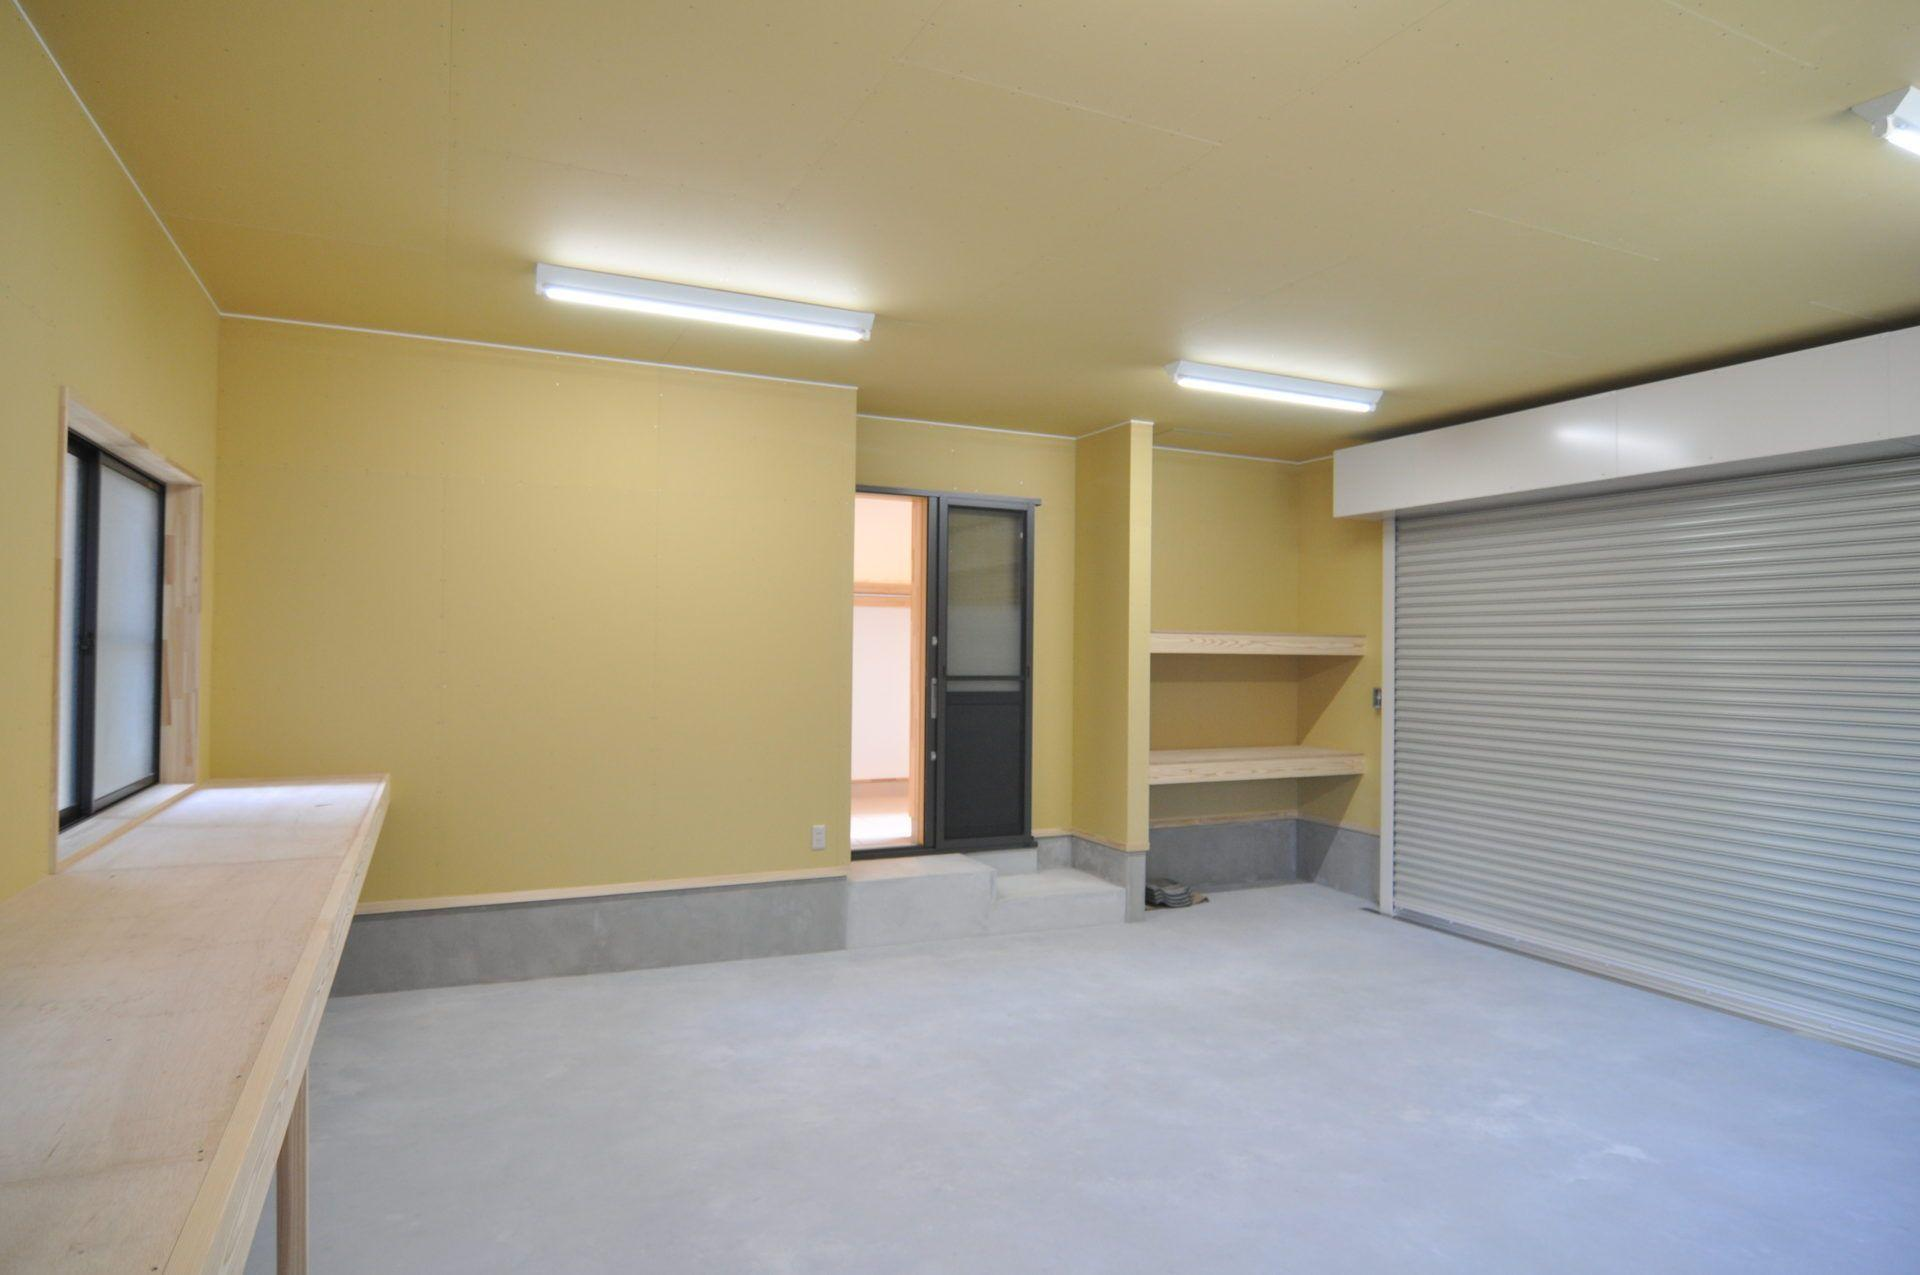 有限会社 市川建築店 1級建築士事務所「三条市 T様邸」のシンプル・ナチュラルなガレージの実例写真